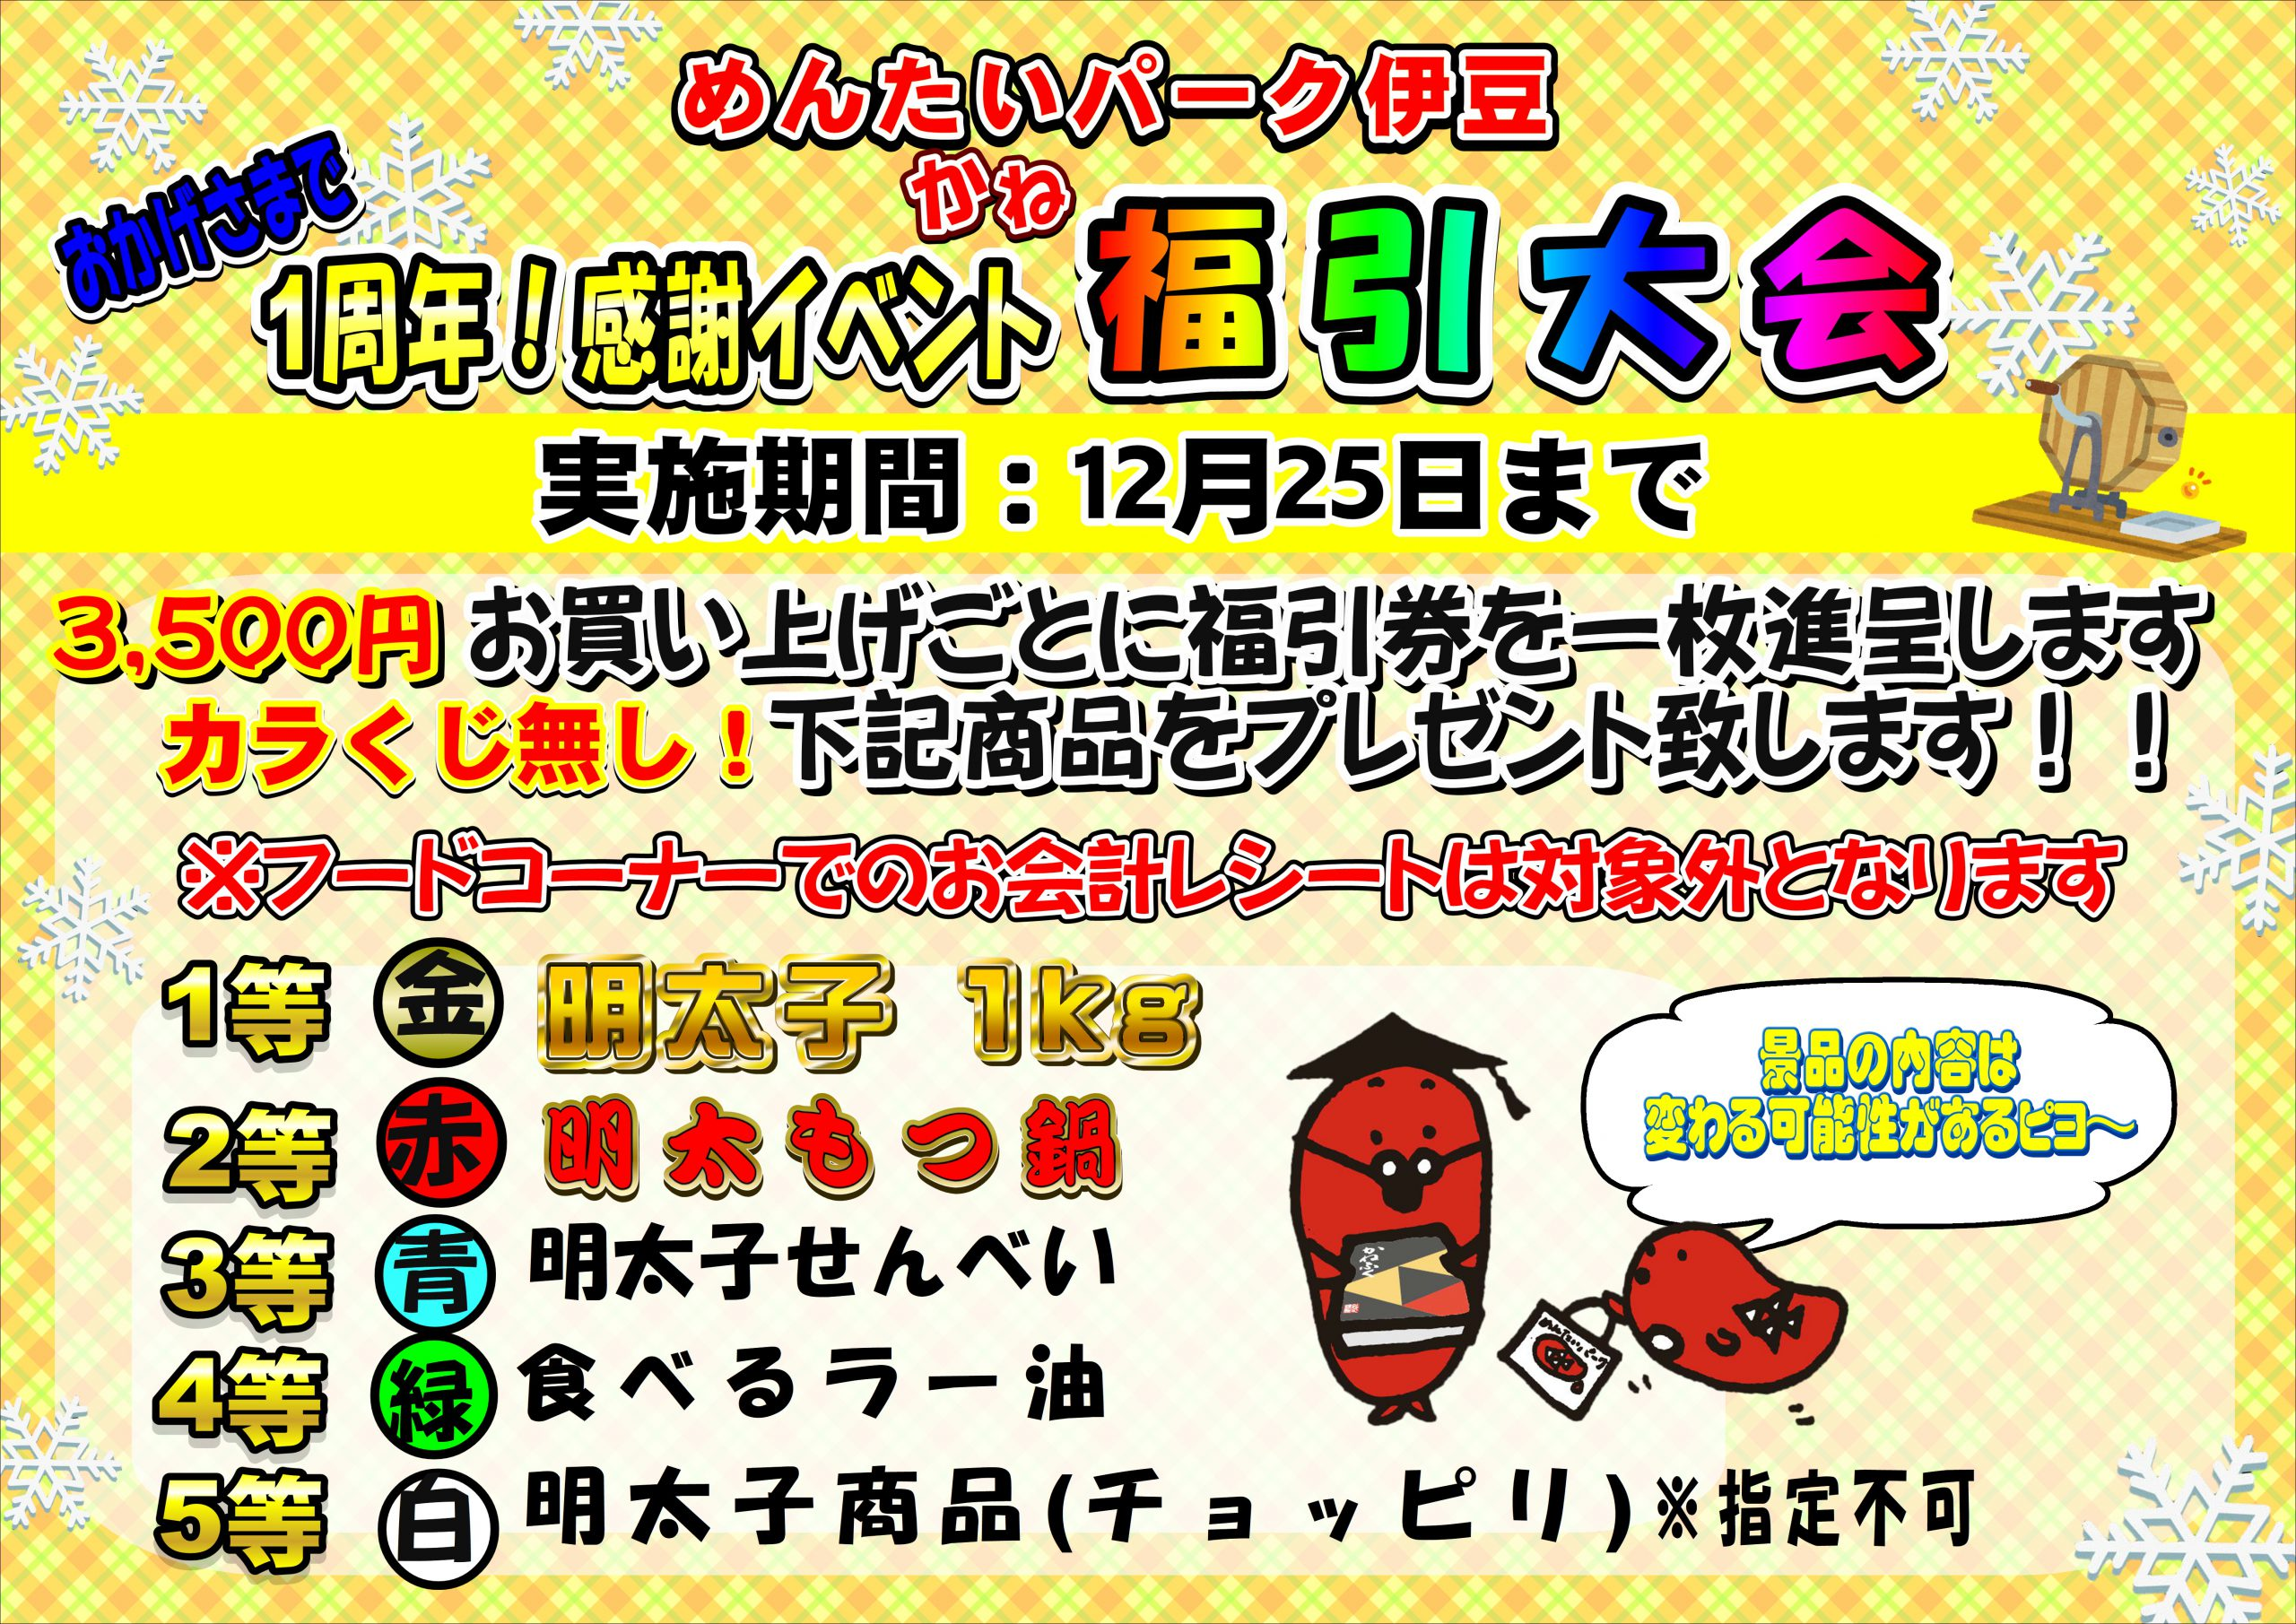 福引大会開催のお知らせ! - めんたいパーク | 明太子のテーマパーク